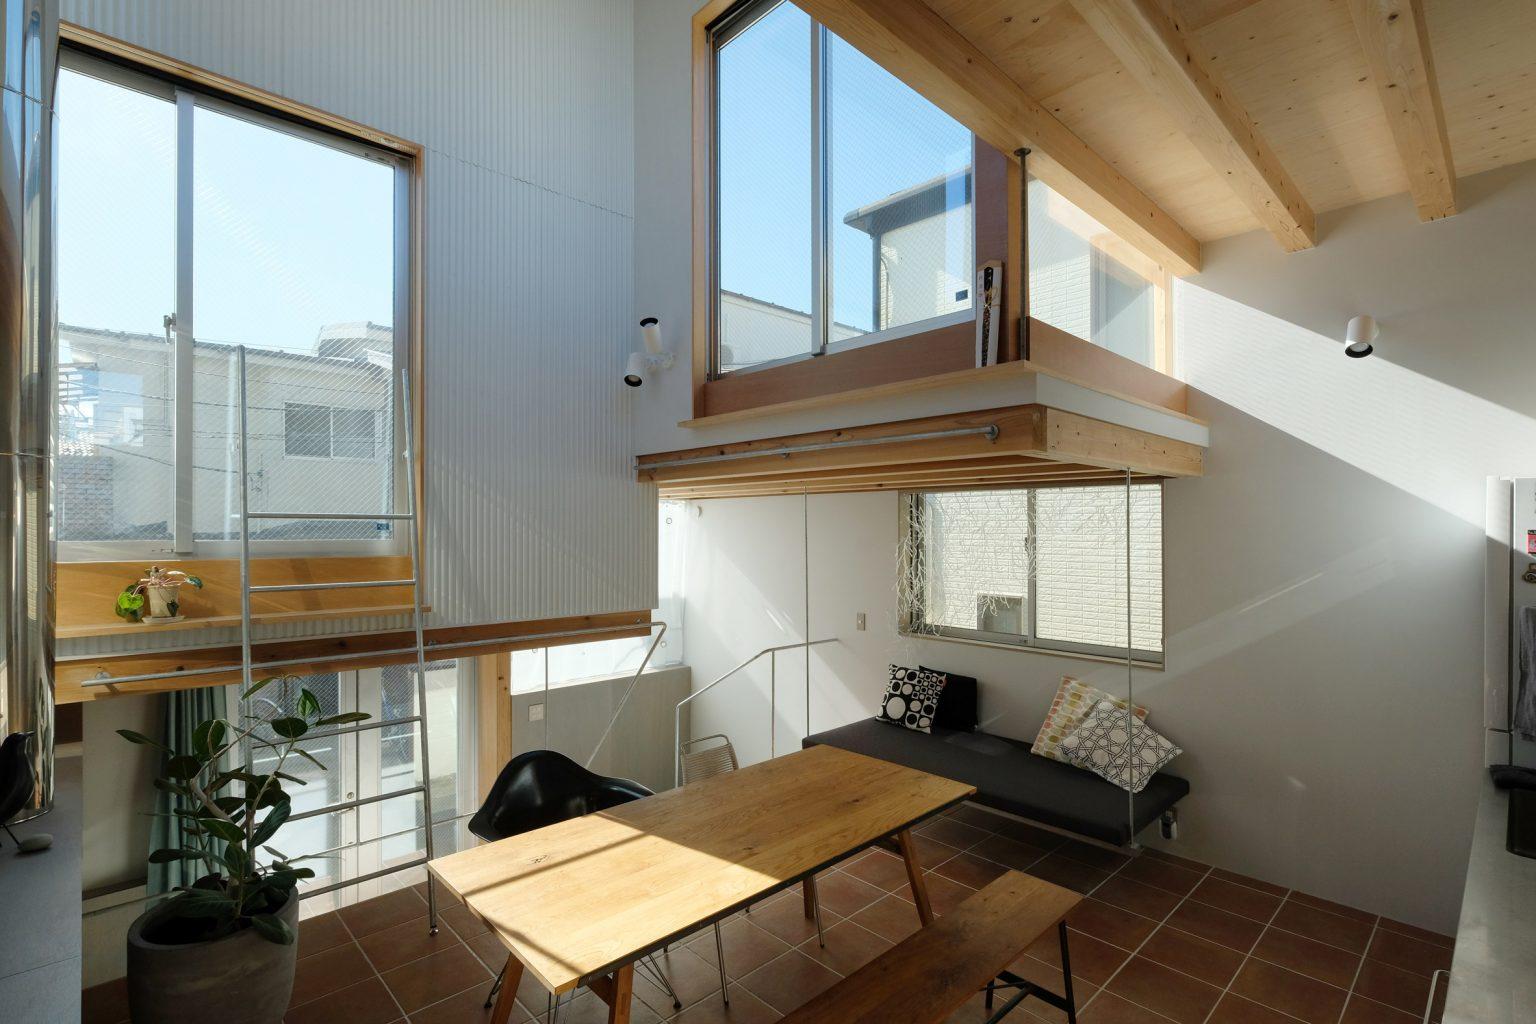 RUMAH 26 METER PERSEGI DI TENGAH IBU KOTA ARCHITECTURE DESIGN INTERIOR TOKYO JAPAN DSGNTALK 7